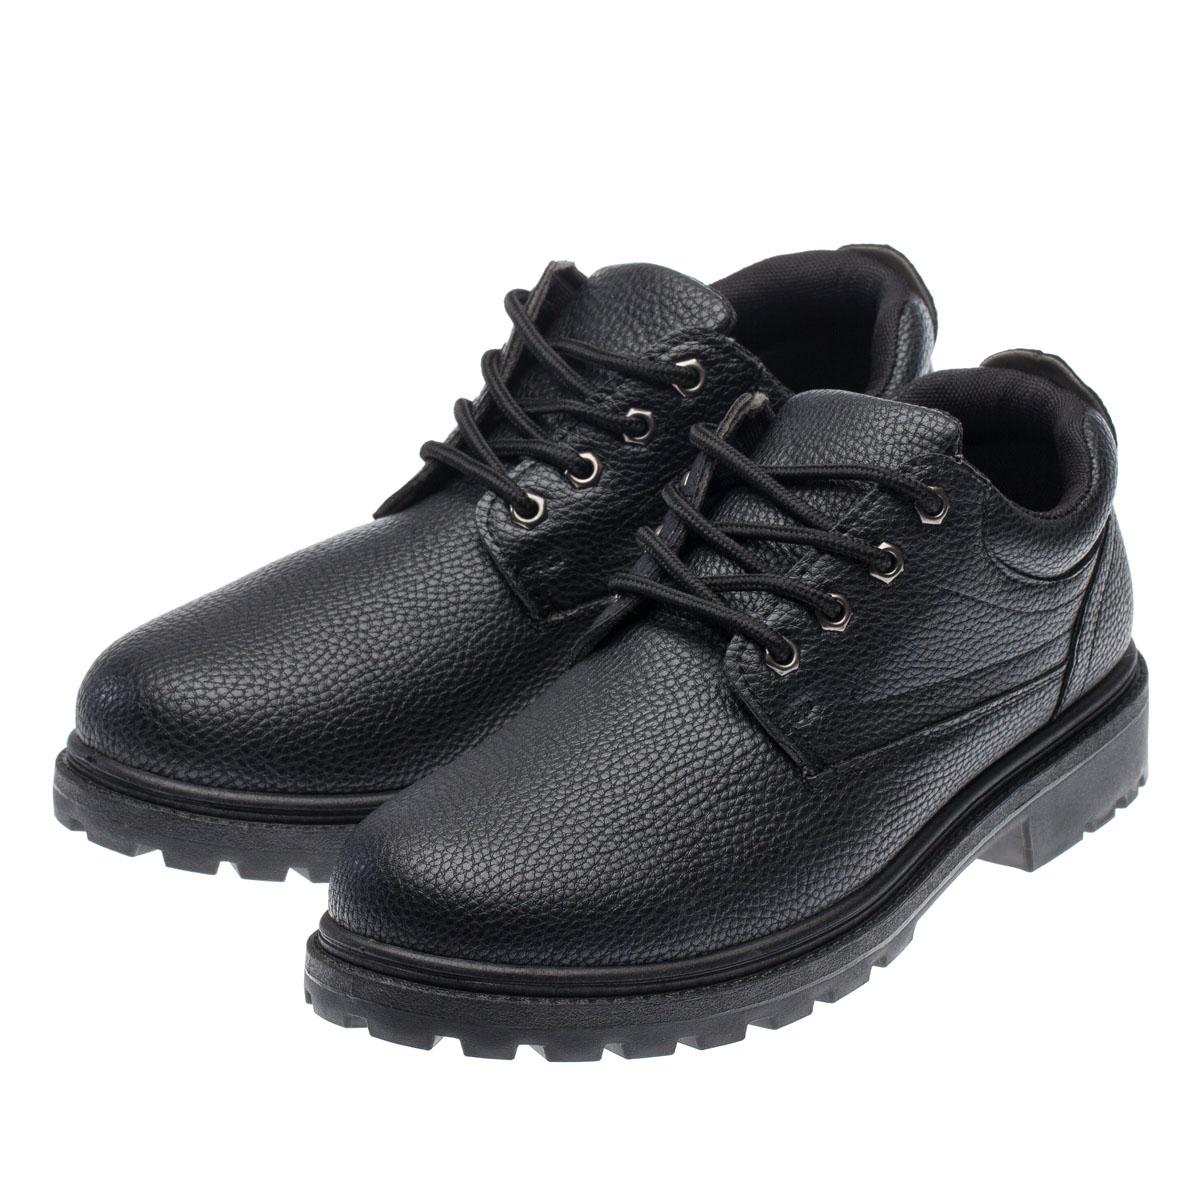 Фото - Ботинки демисезонные FERTO, GB2001 ботинки демисезонные ferto skl 008